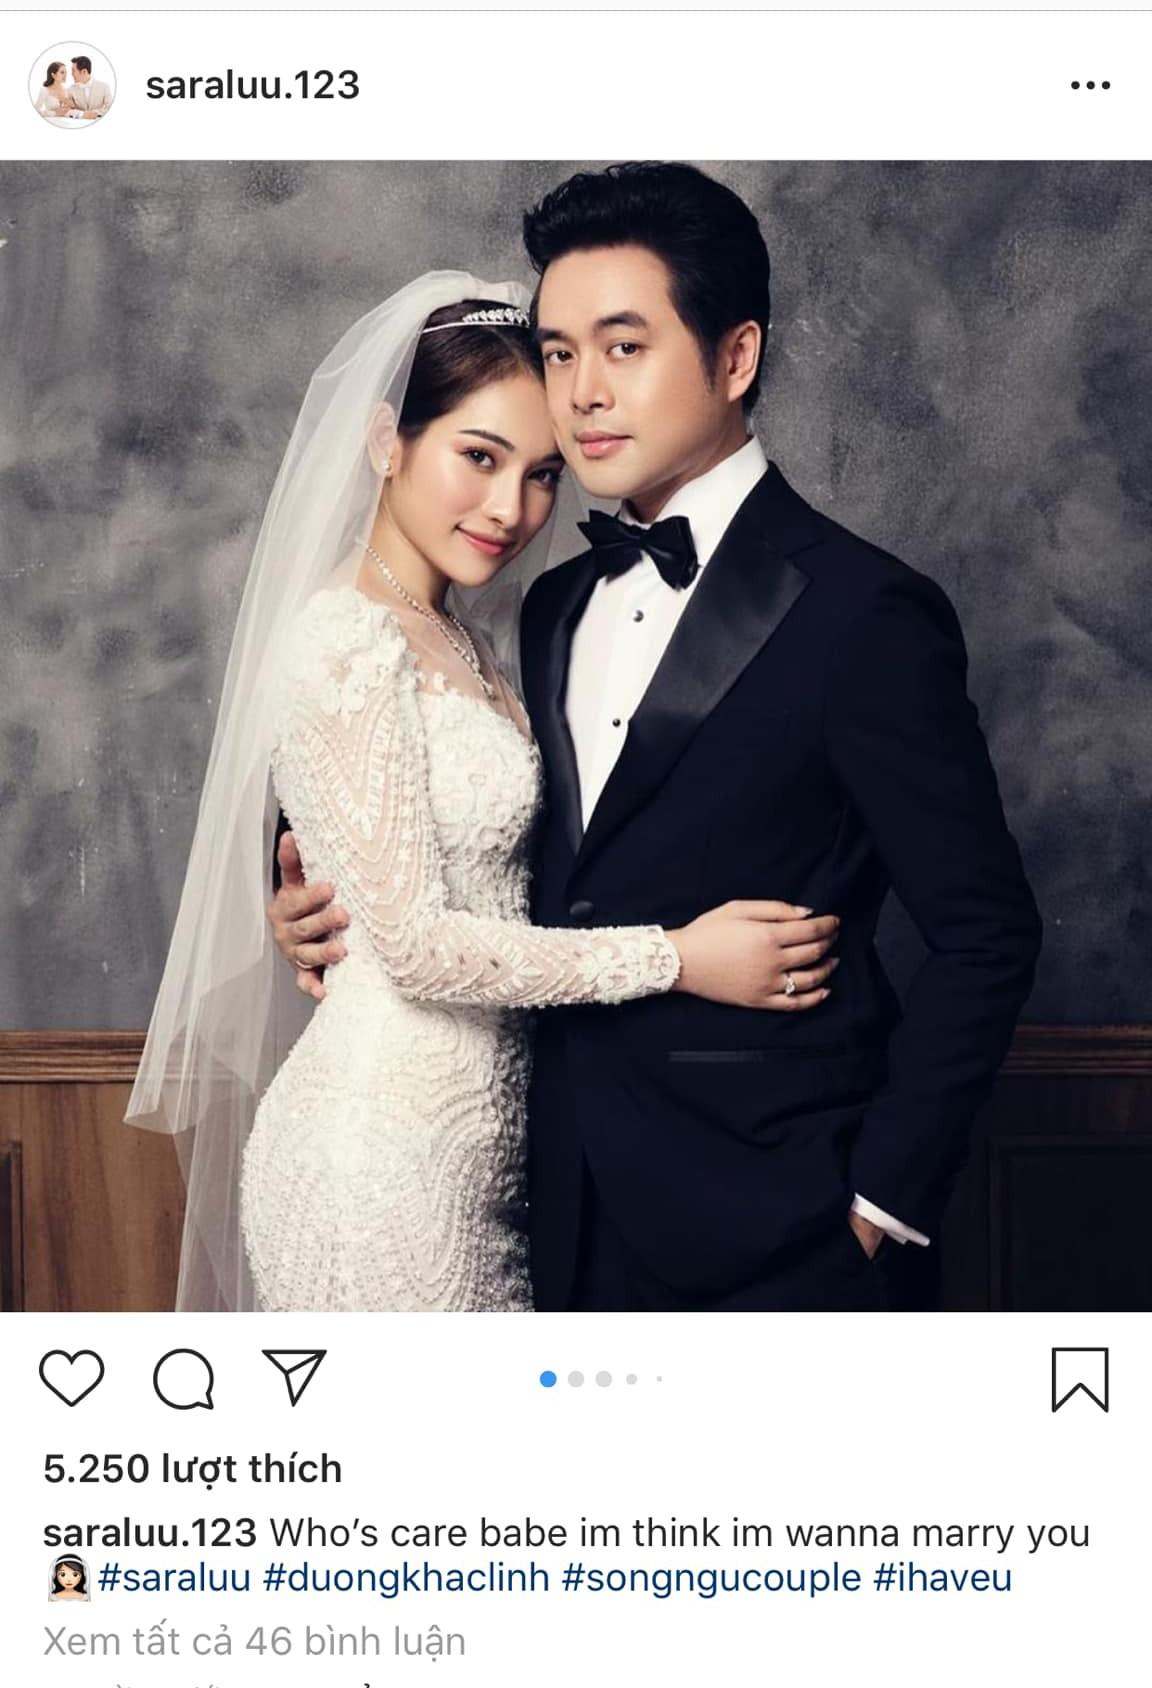 Sara Lưu hạnh phúc viết một câu tiếng Anh ngọt ngào đánh dấu ngày cưới, dân mạng lại cười bò vì chẳng hiểu gì-1